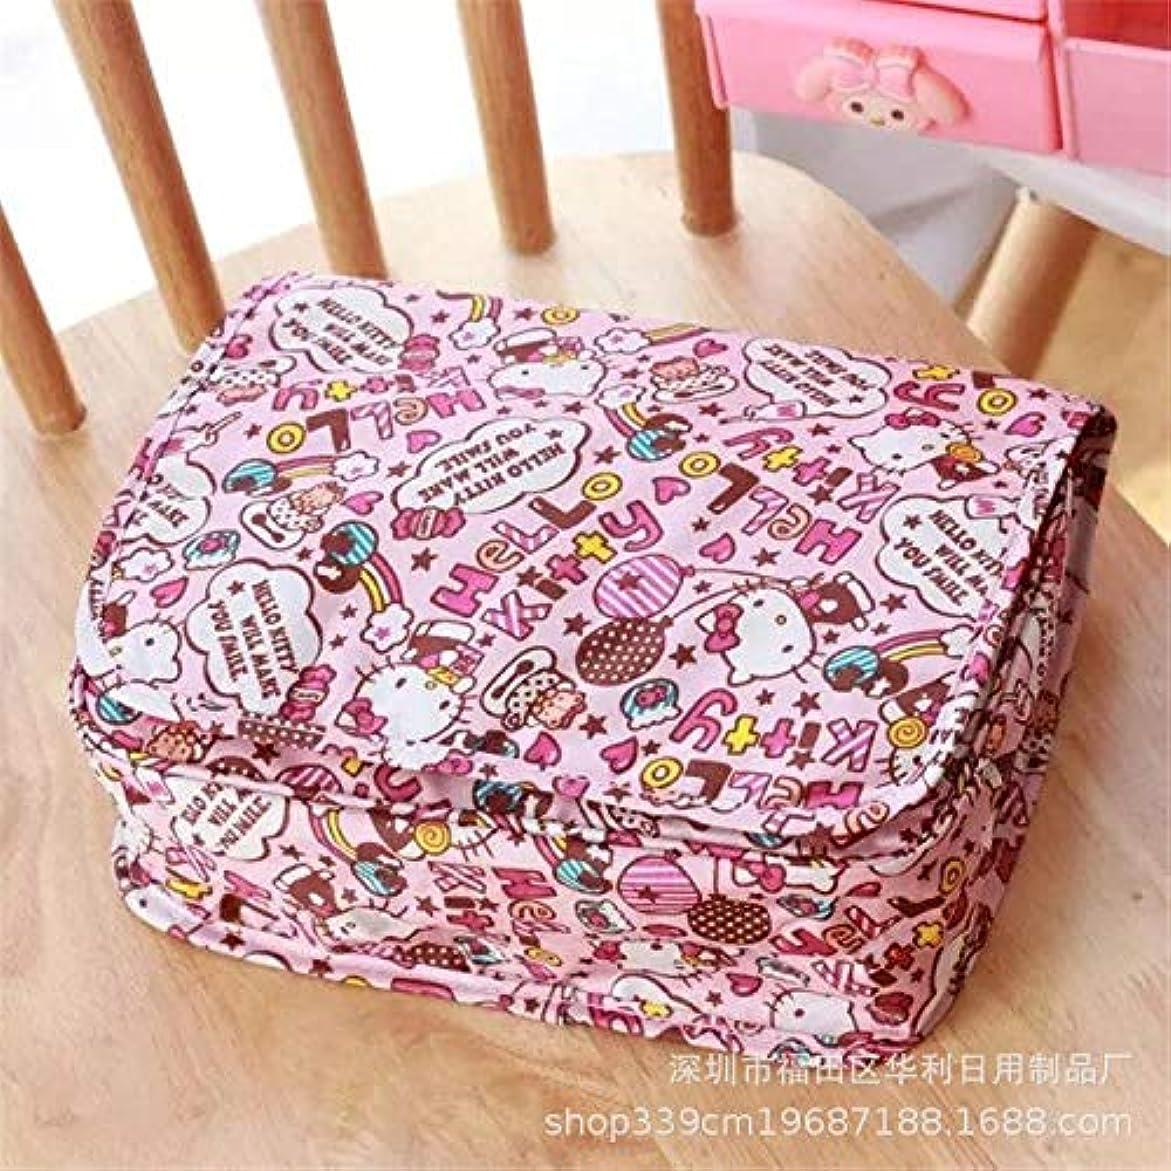 現代の誠意コート旅行ポーチは折り畳み式の洗面バッグができます。旅行ポーチの収納袋はぶら下げられます。, キティちゃんピンク